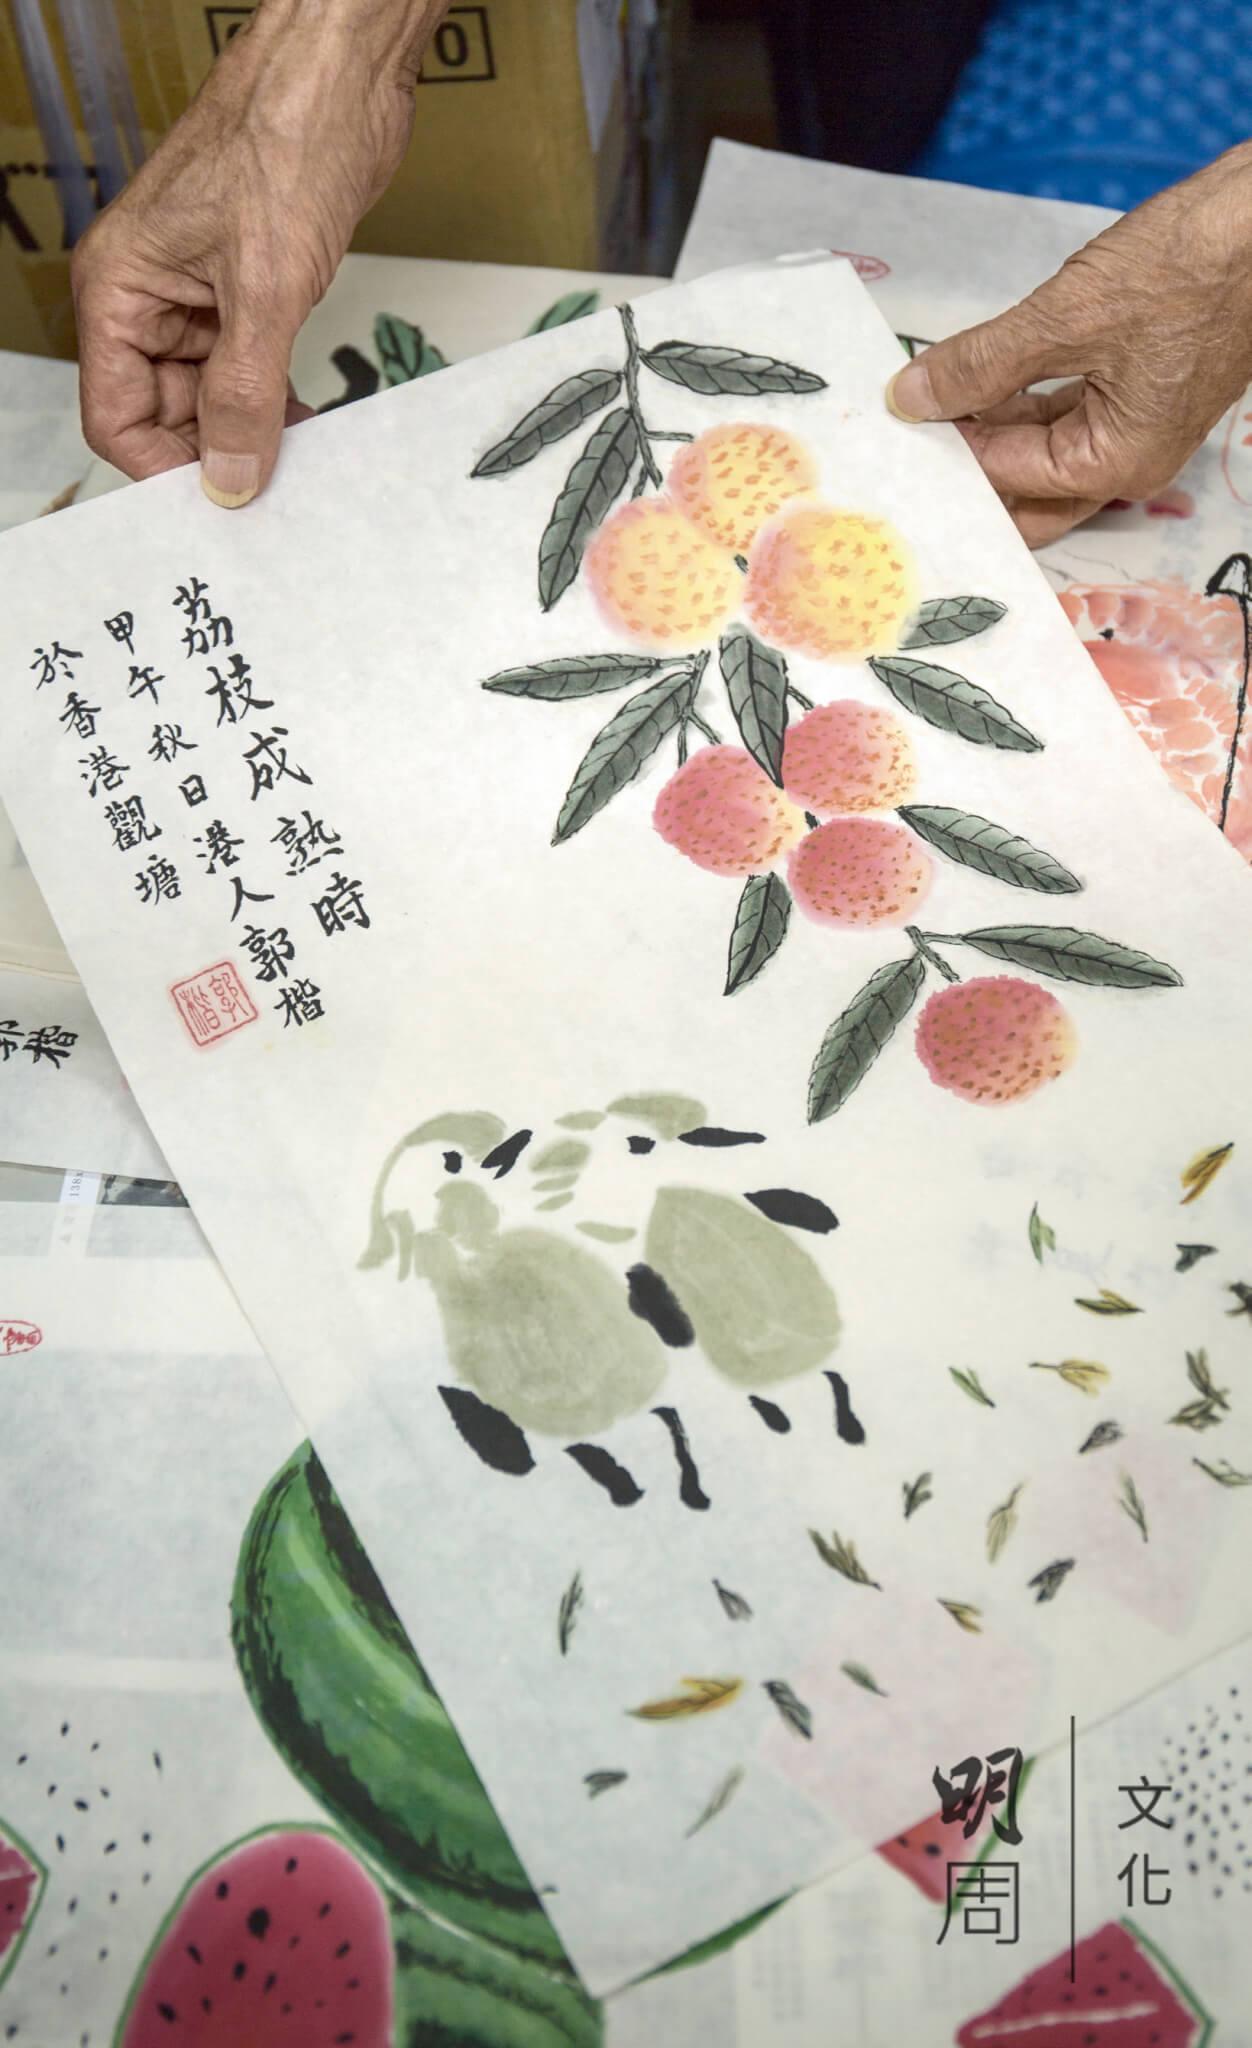 多才多藝的郭楷閒暇時還寫畫修心養性。